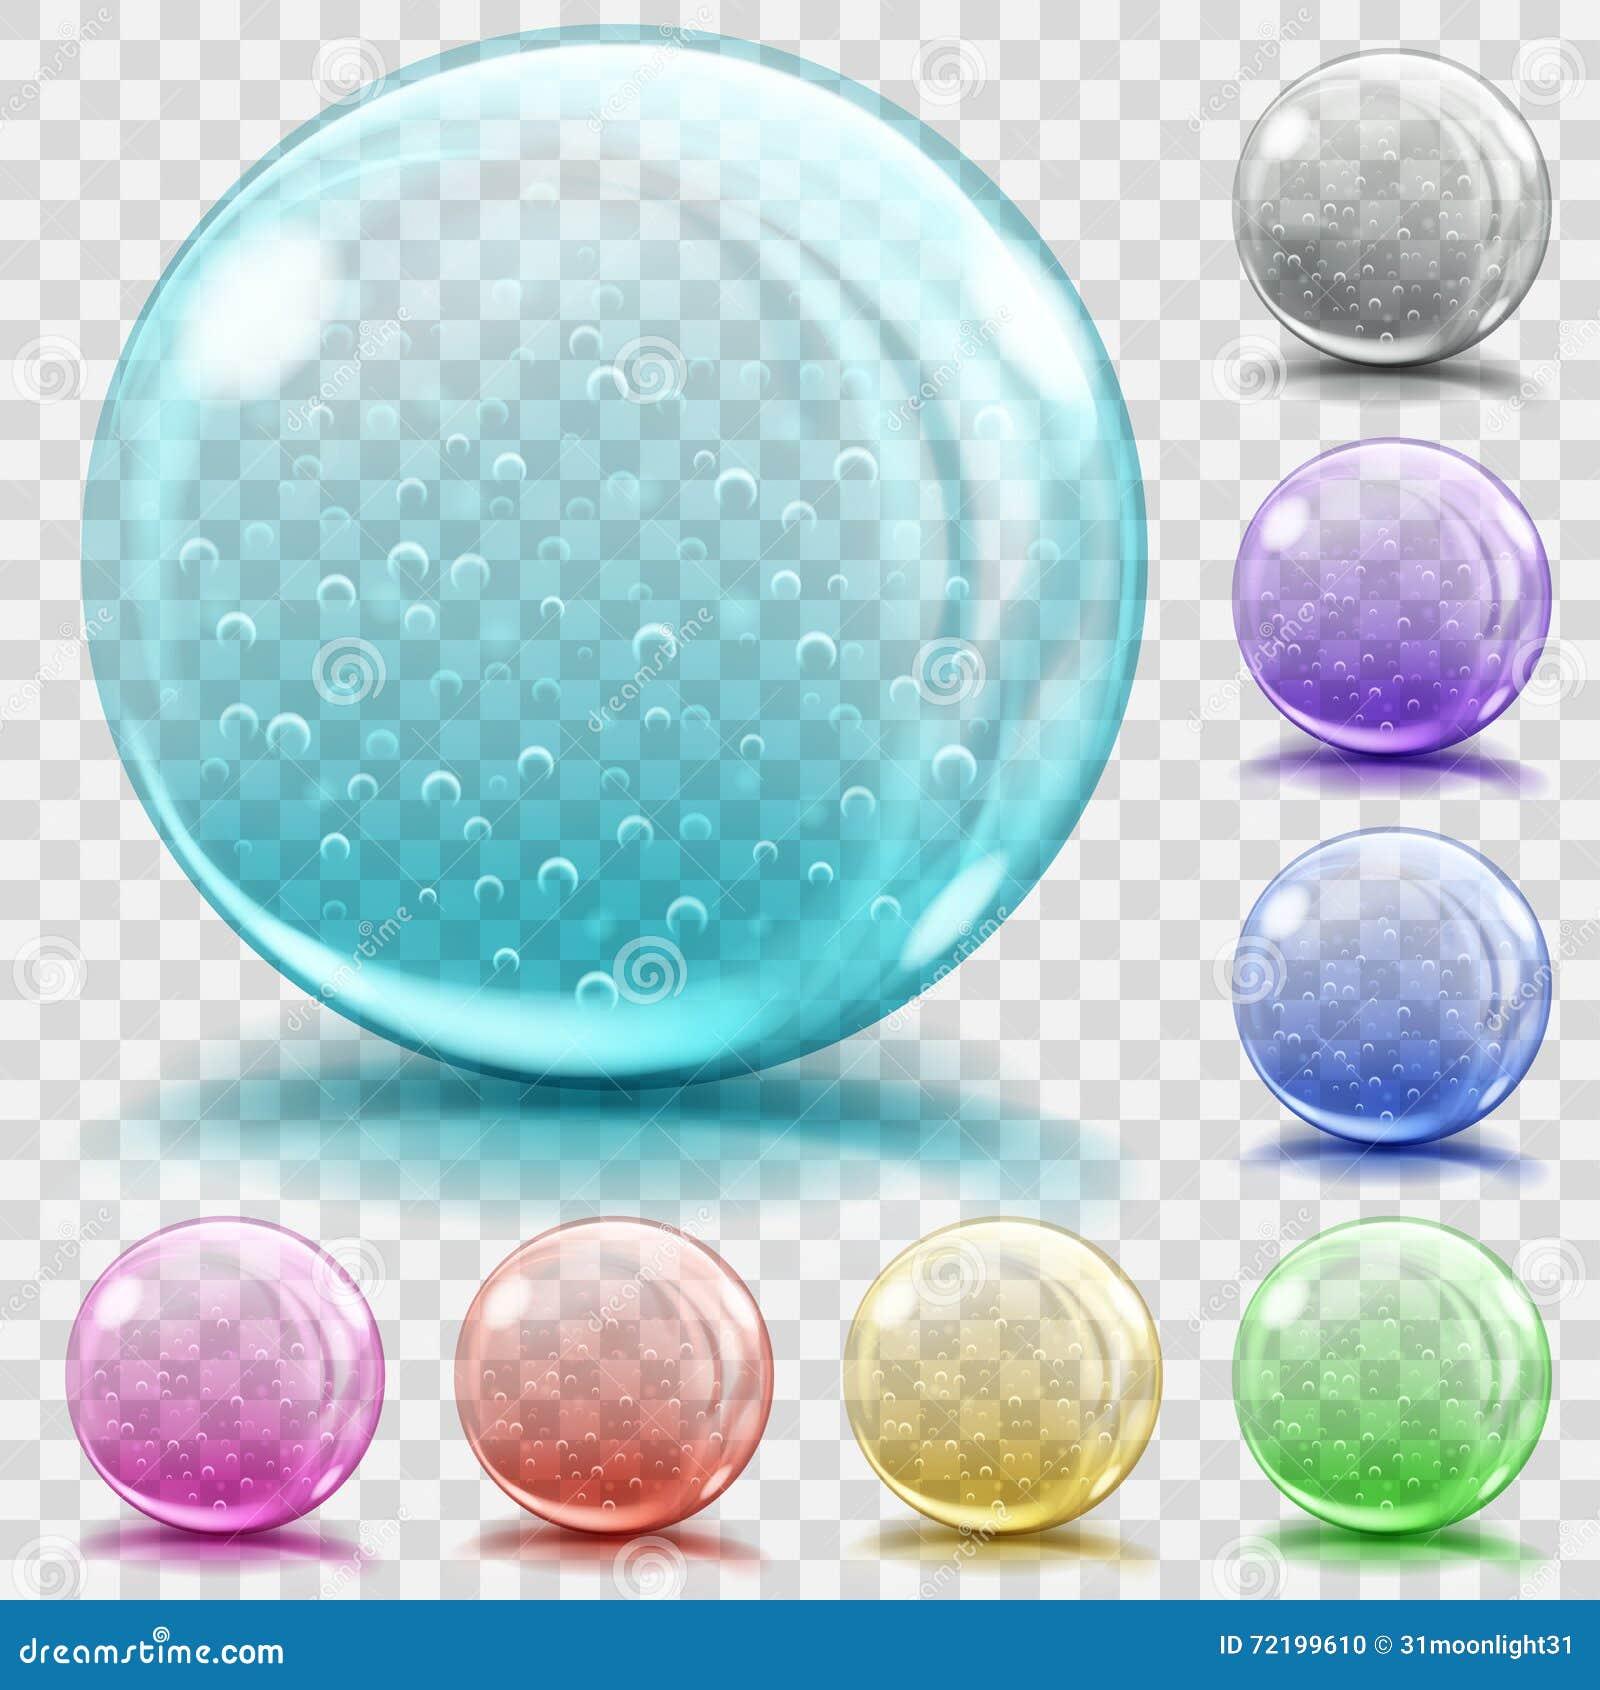 Mehrfarbige transparente Glasbereiche mit Luftblasen